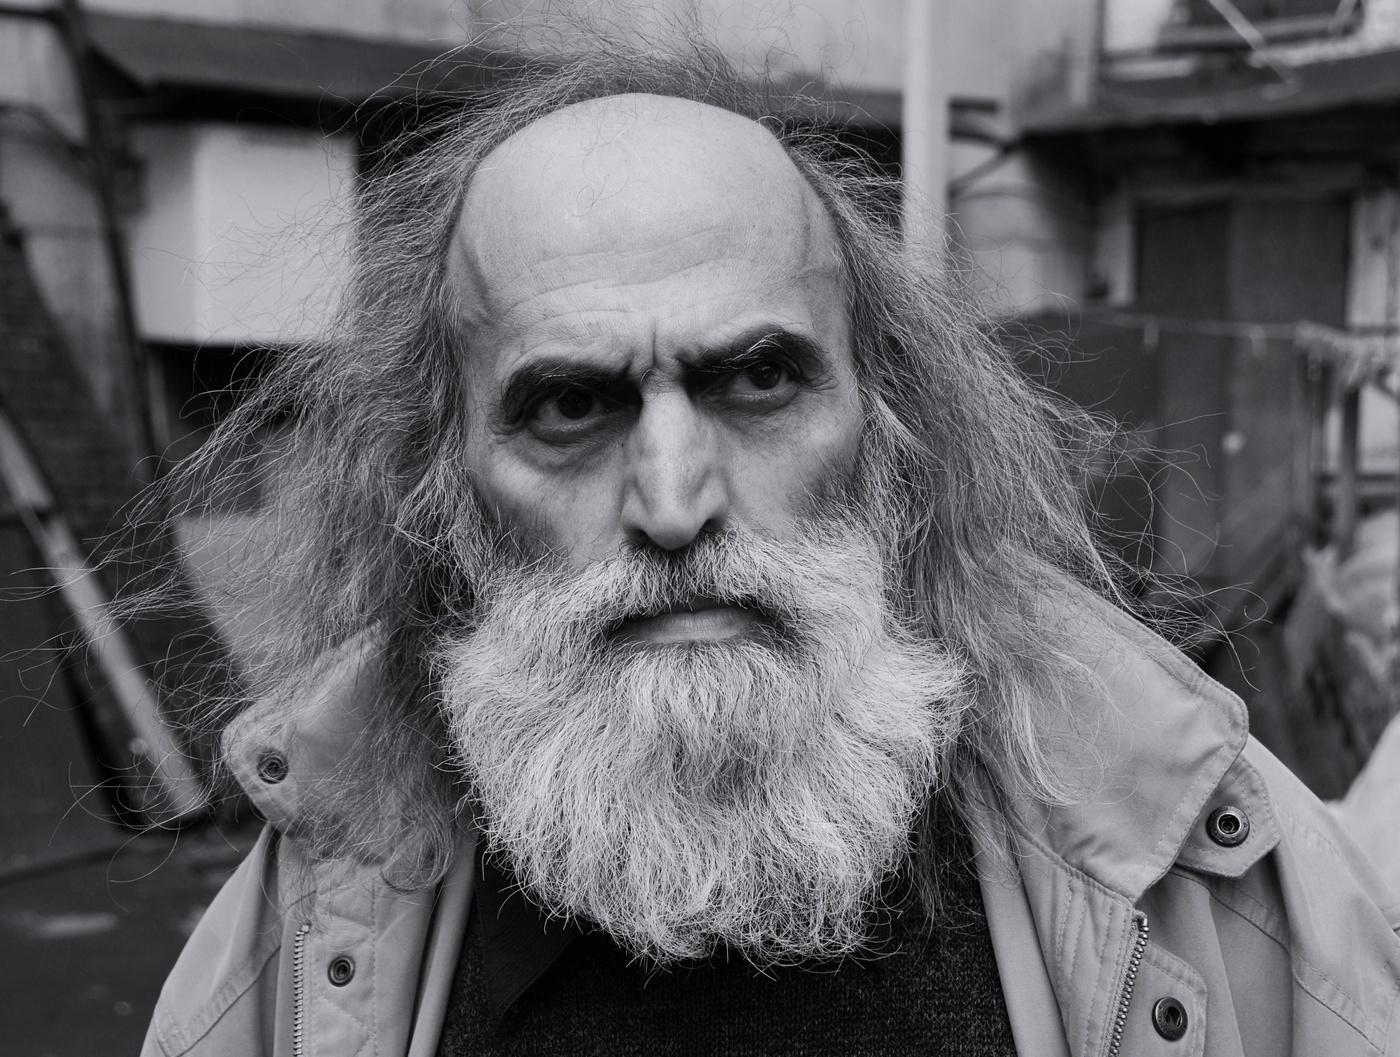 более крупные фото бородатых стариков фильтрацией поиском